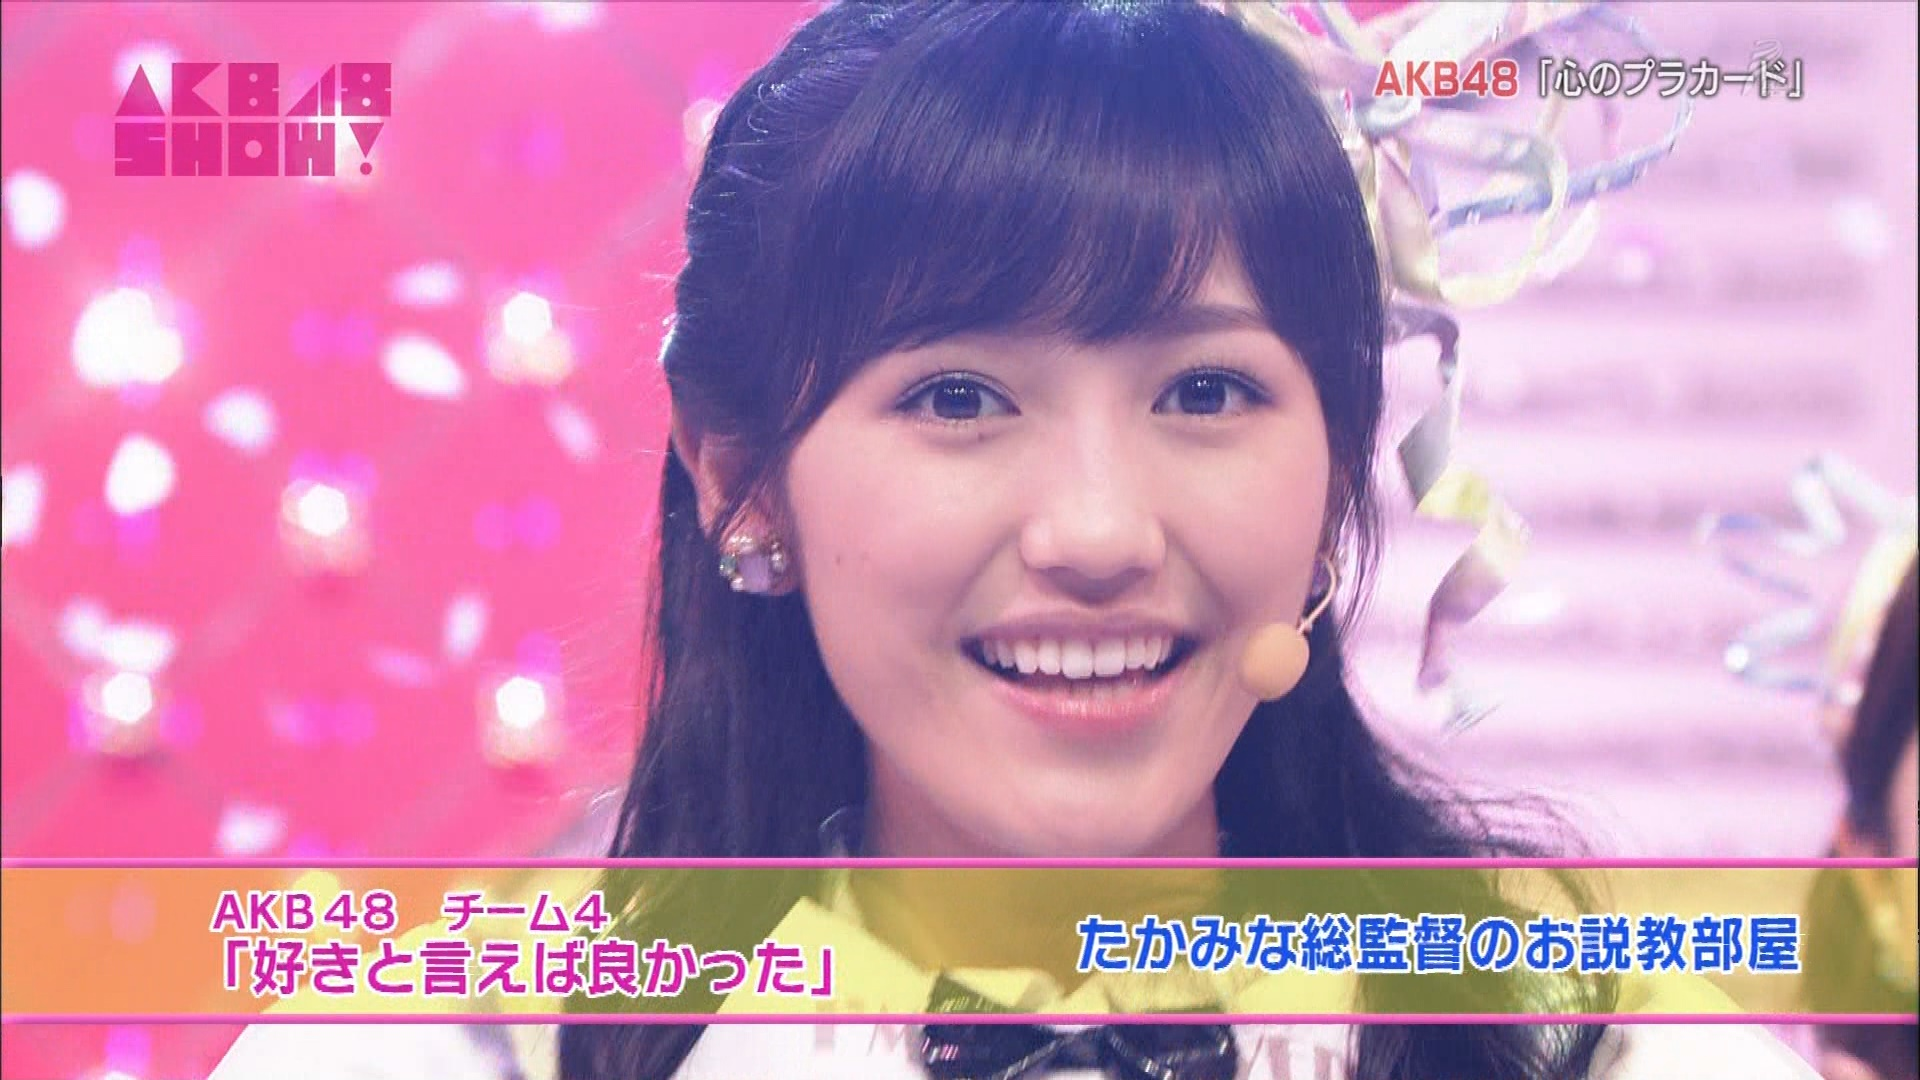 AKB48SHOW 心のプラカード 渡辺麻友 20140830 (16)